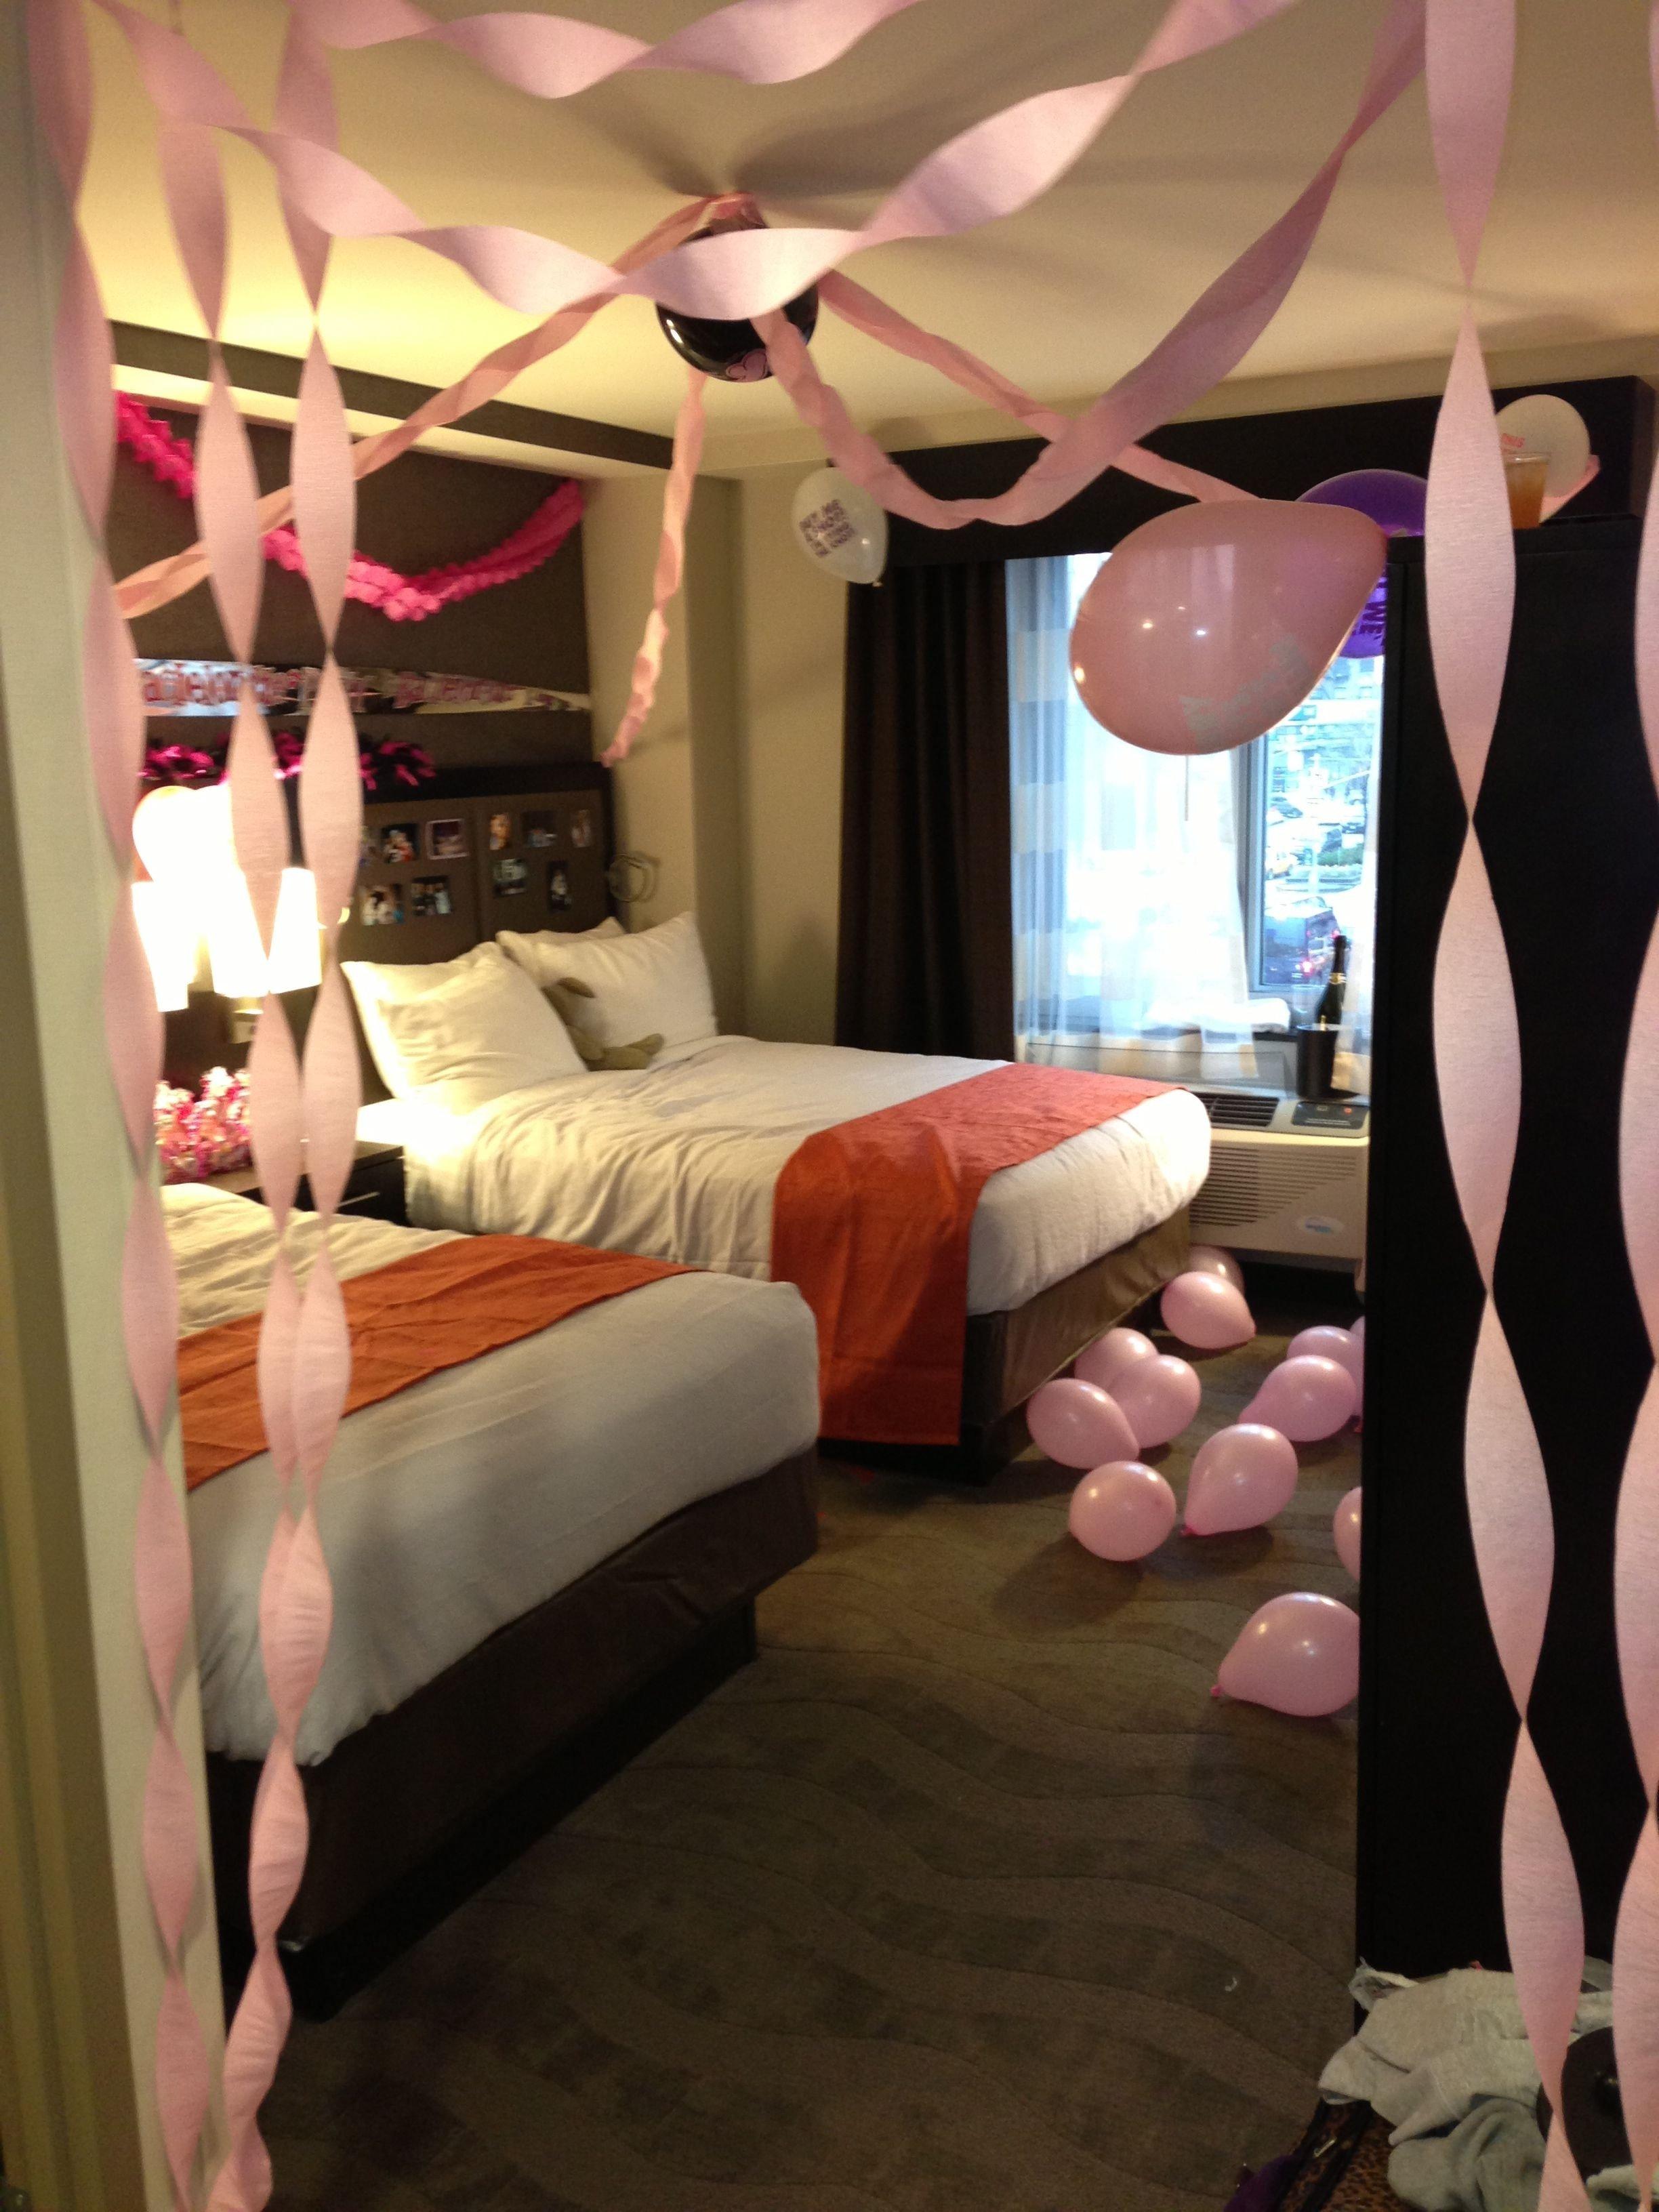 10 Most Popular Bachelorette Party Ideas For Under 21 pindominique mc clashie on party ideas pinterest